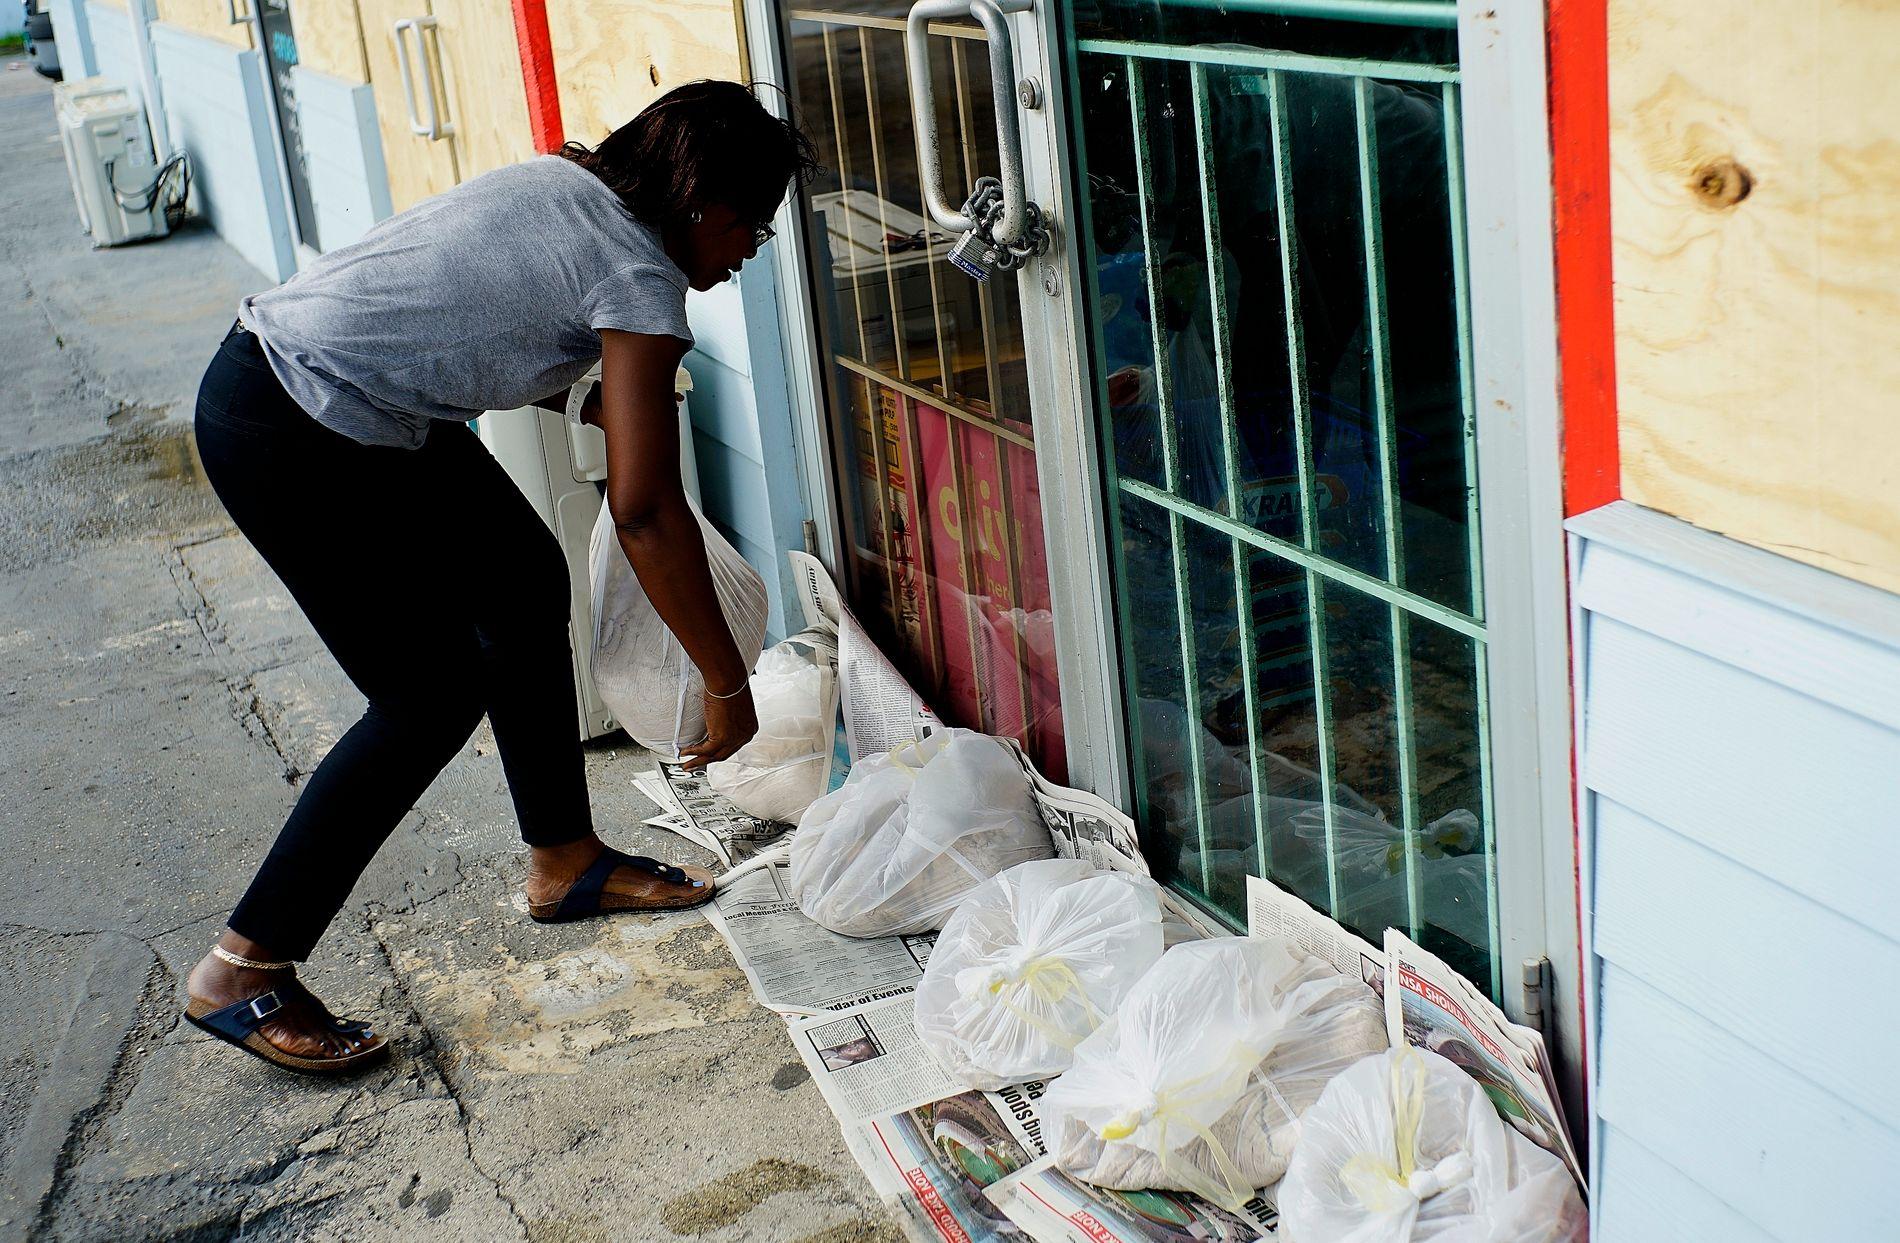 BESKYTTER BUTIKKER: Yolande Rolle putter sandsekker utenfor butikken sin i Freeport på Bahamas.